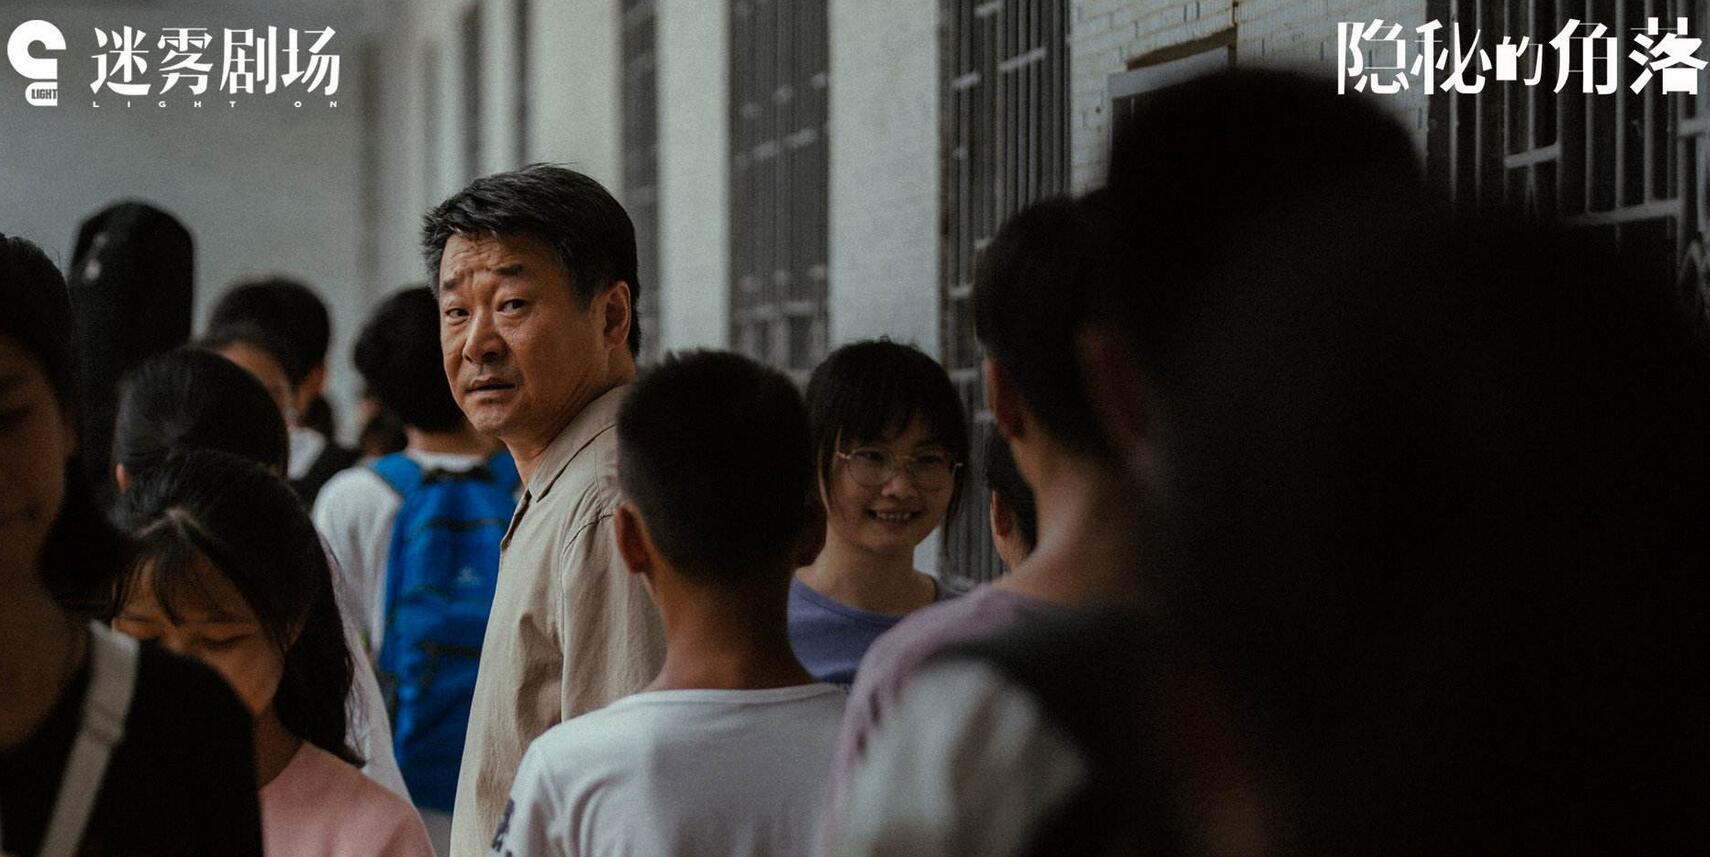 朱朝阳悬疑片未映先火,合作郭富城不算啥,还有两位超流量童星